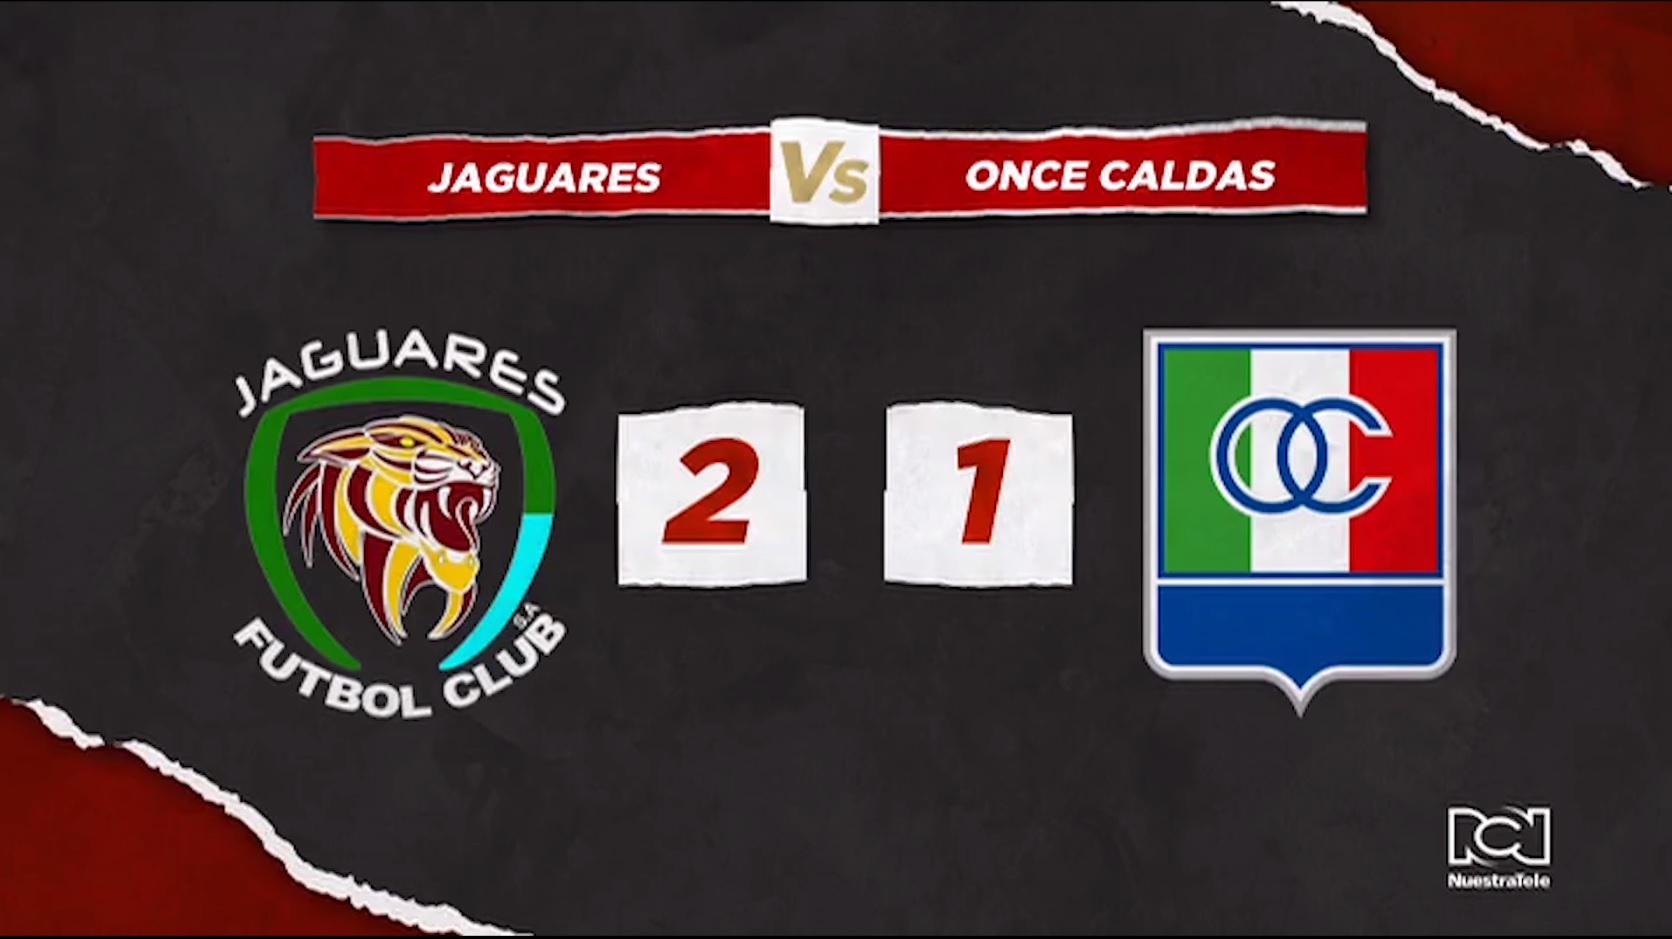 Jaguares Vs Once Caldas